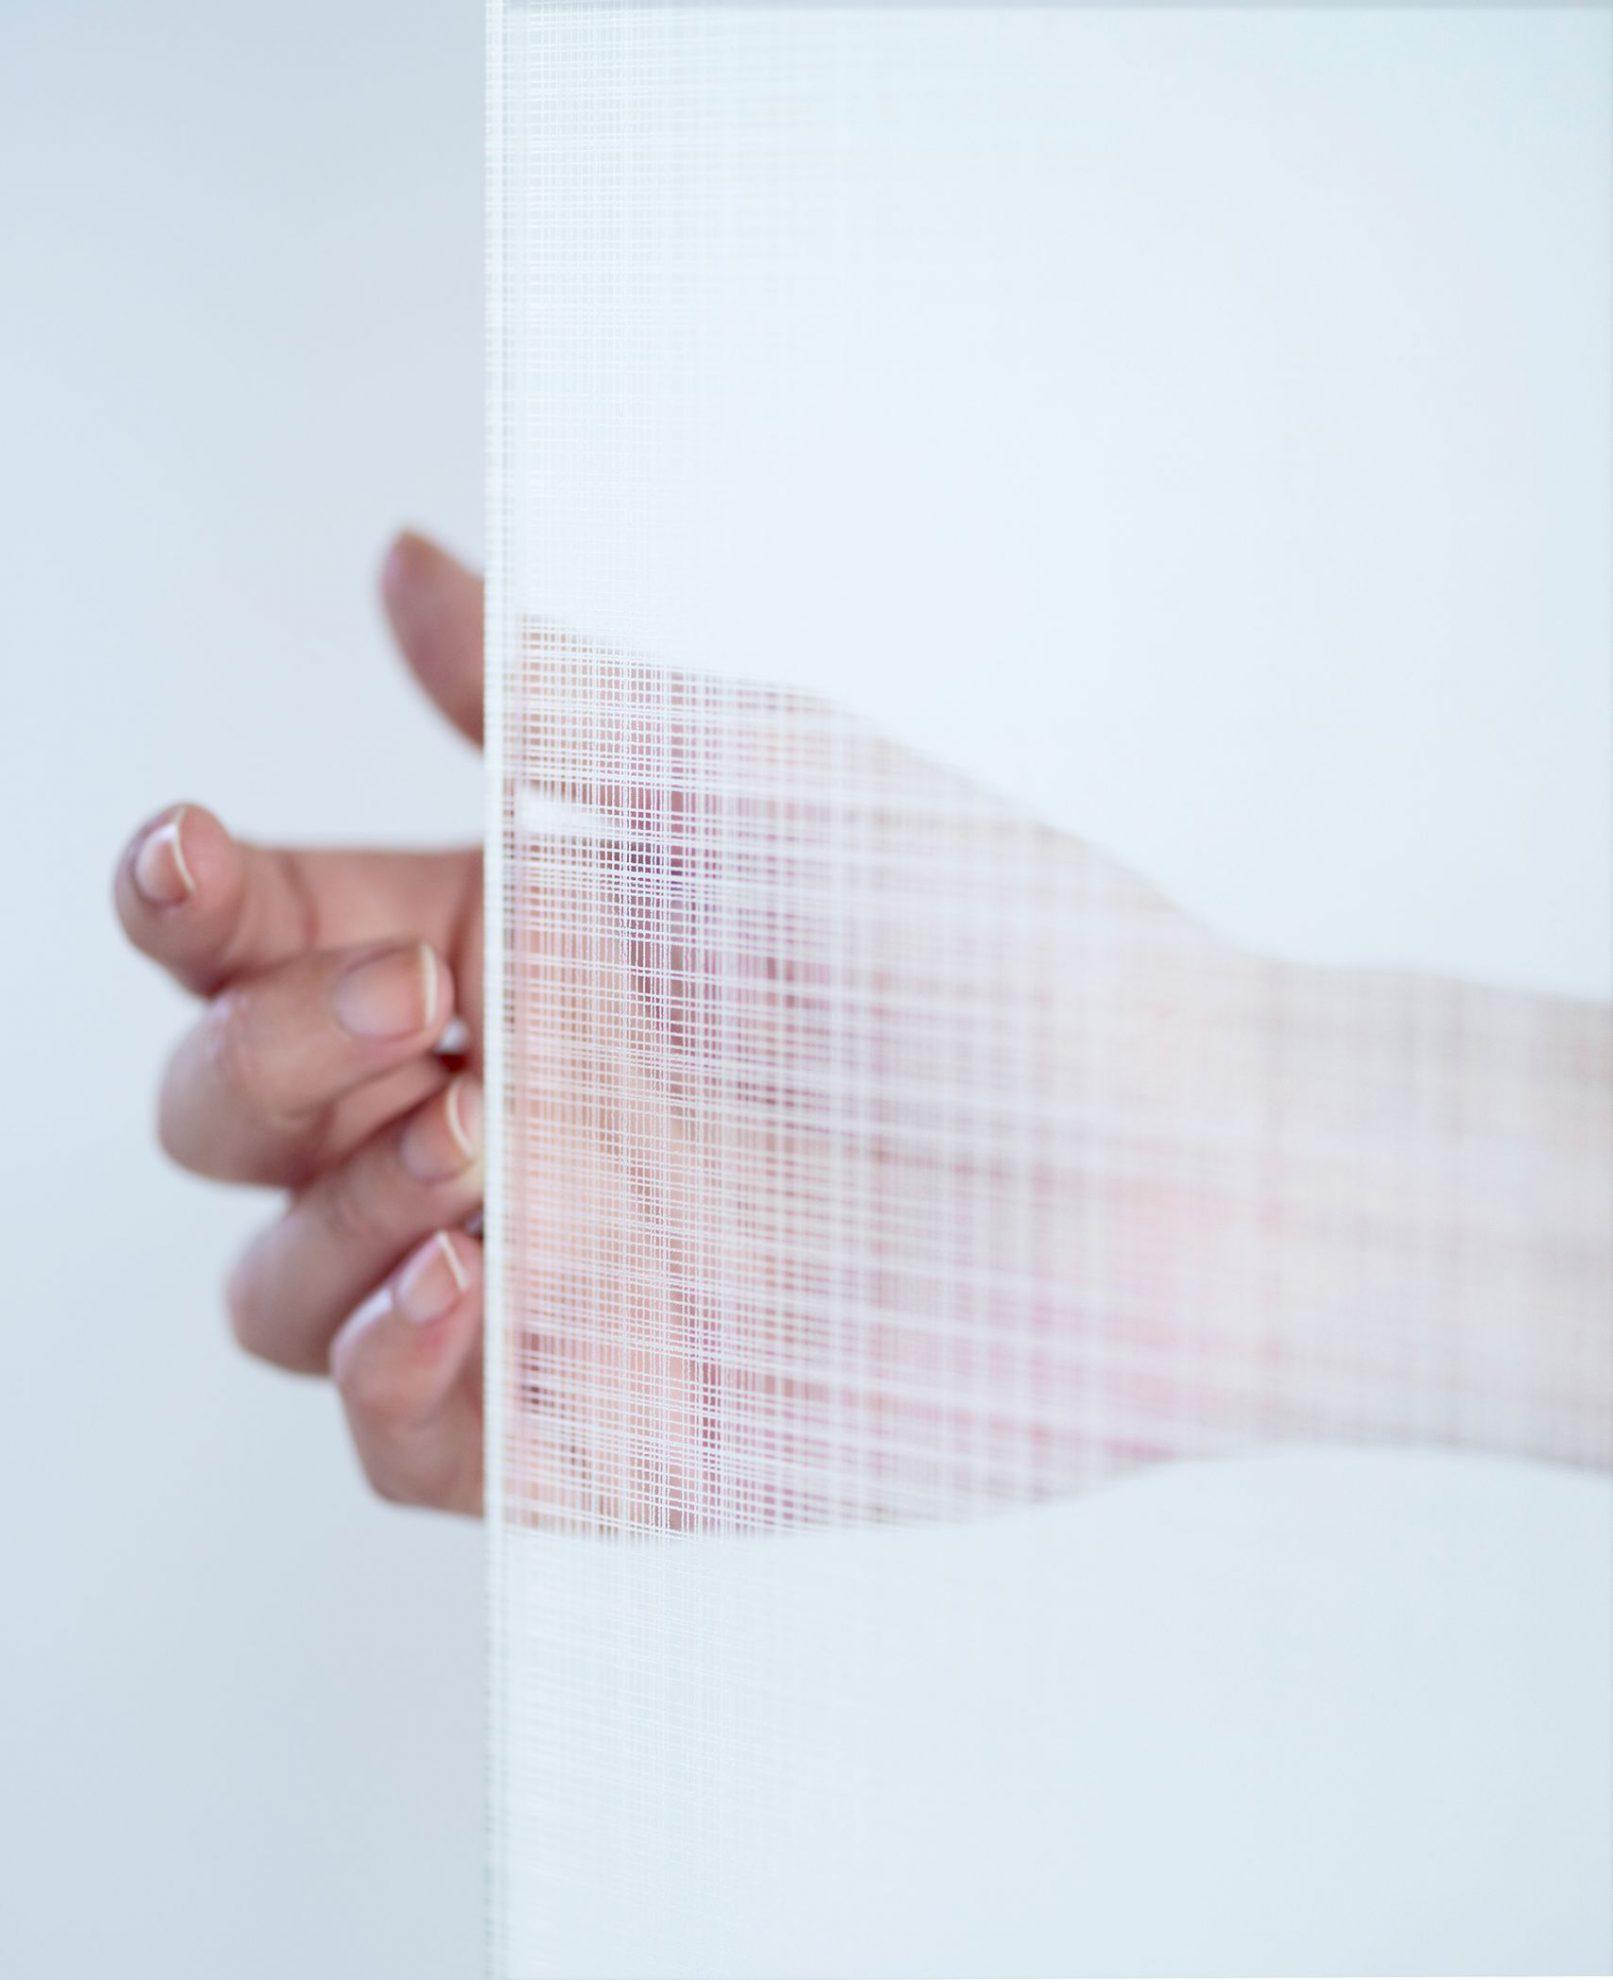 Nussbaum Gw Vergleich Hand OneSide